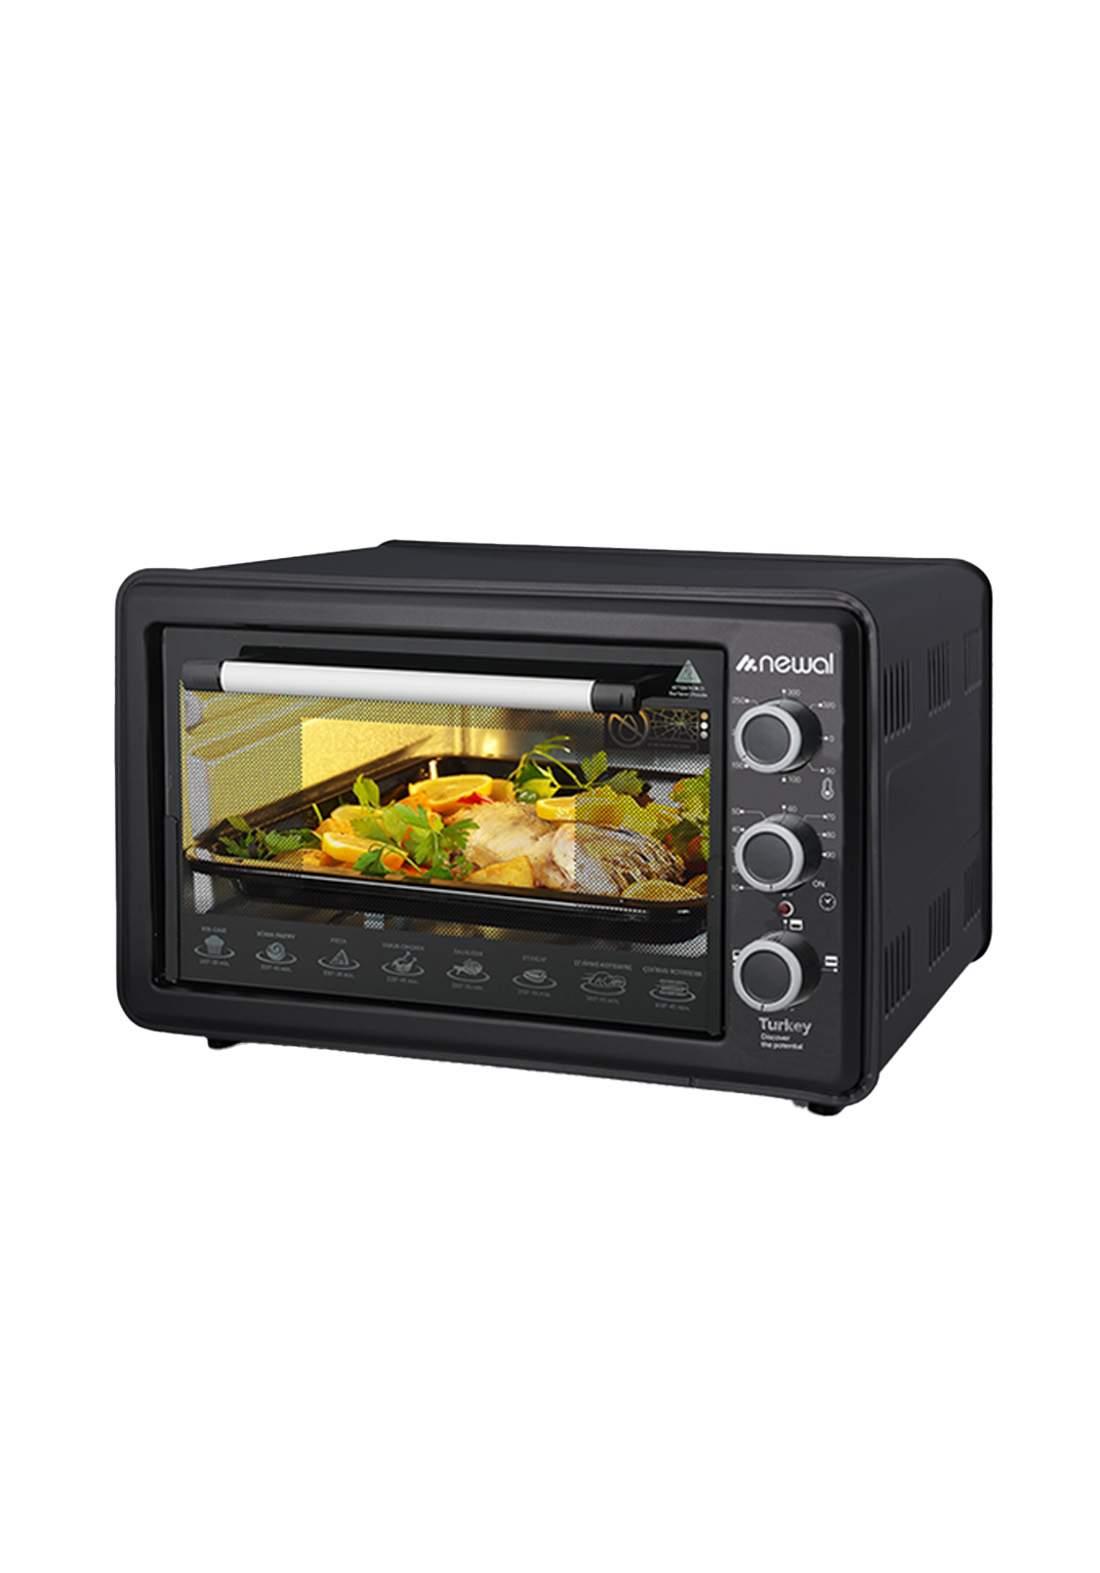 Newal Mini Oven 36L MOV-360-02 - Black فرن كهربائي